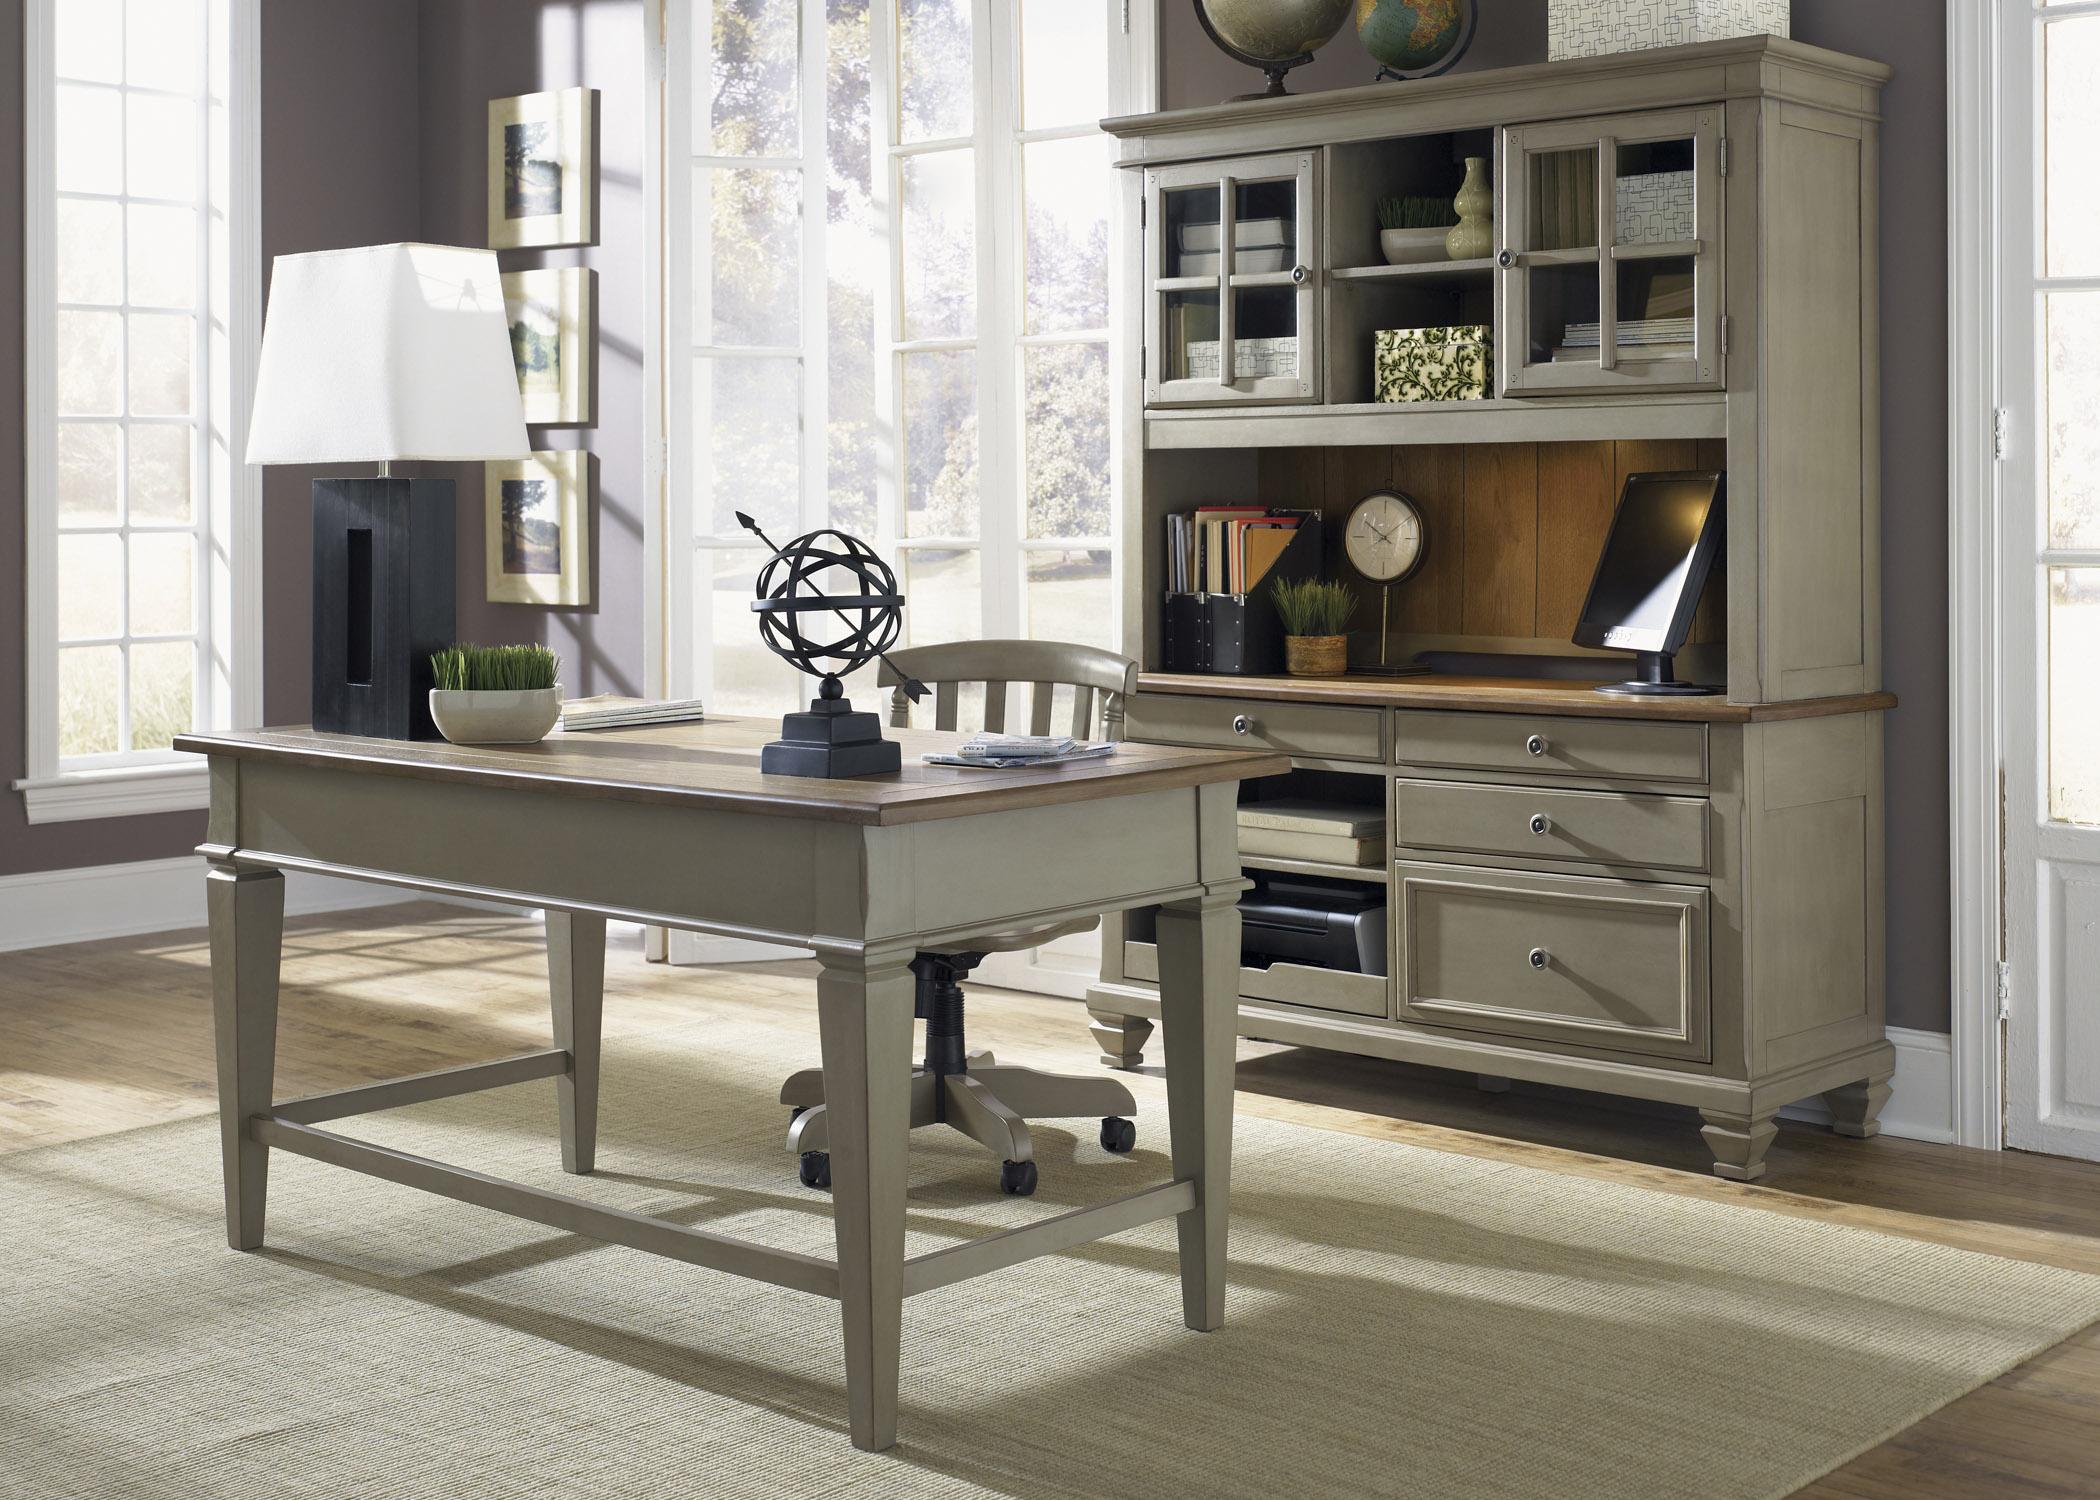 Delicieux Liberty Furniture Bungalow3 Piece Desk U0026 Hutch Set